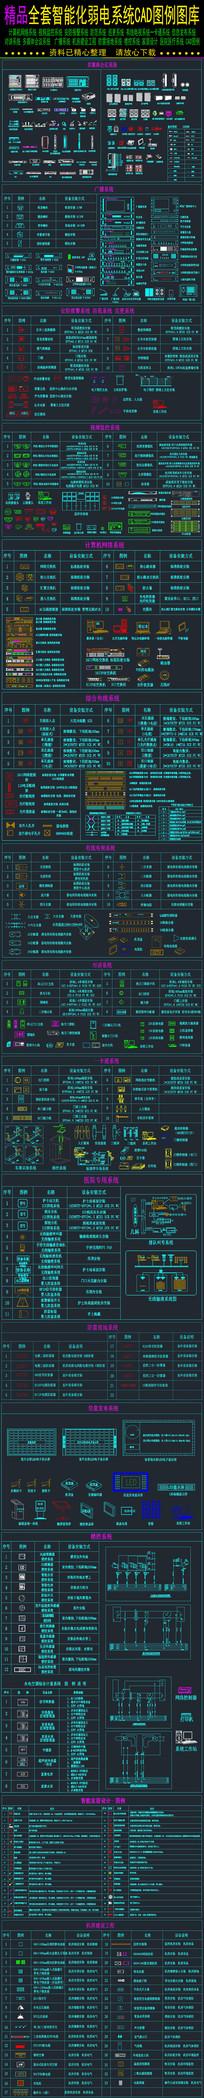 精品智能化弱电系统CAD图例